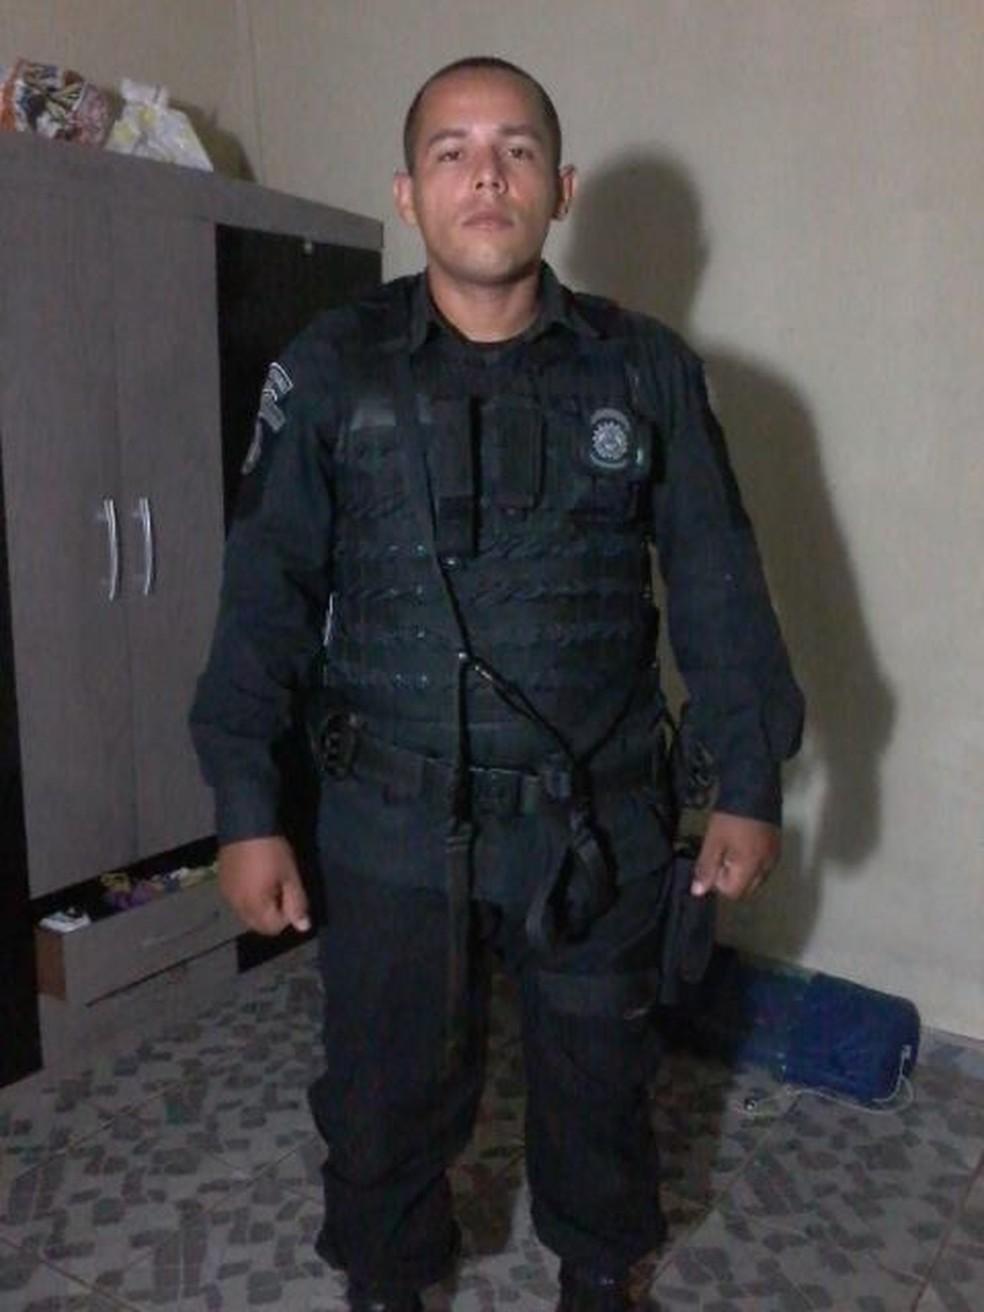 Agente foi achado morto com um tiro na cabeça em no Bujari (Foto: Reprodução/Facebook)